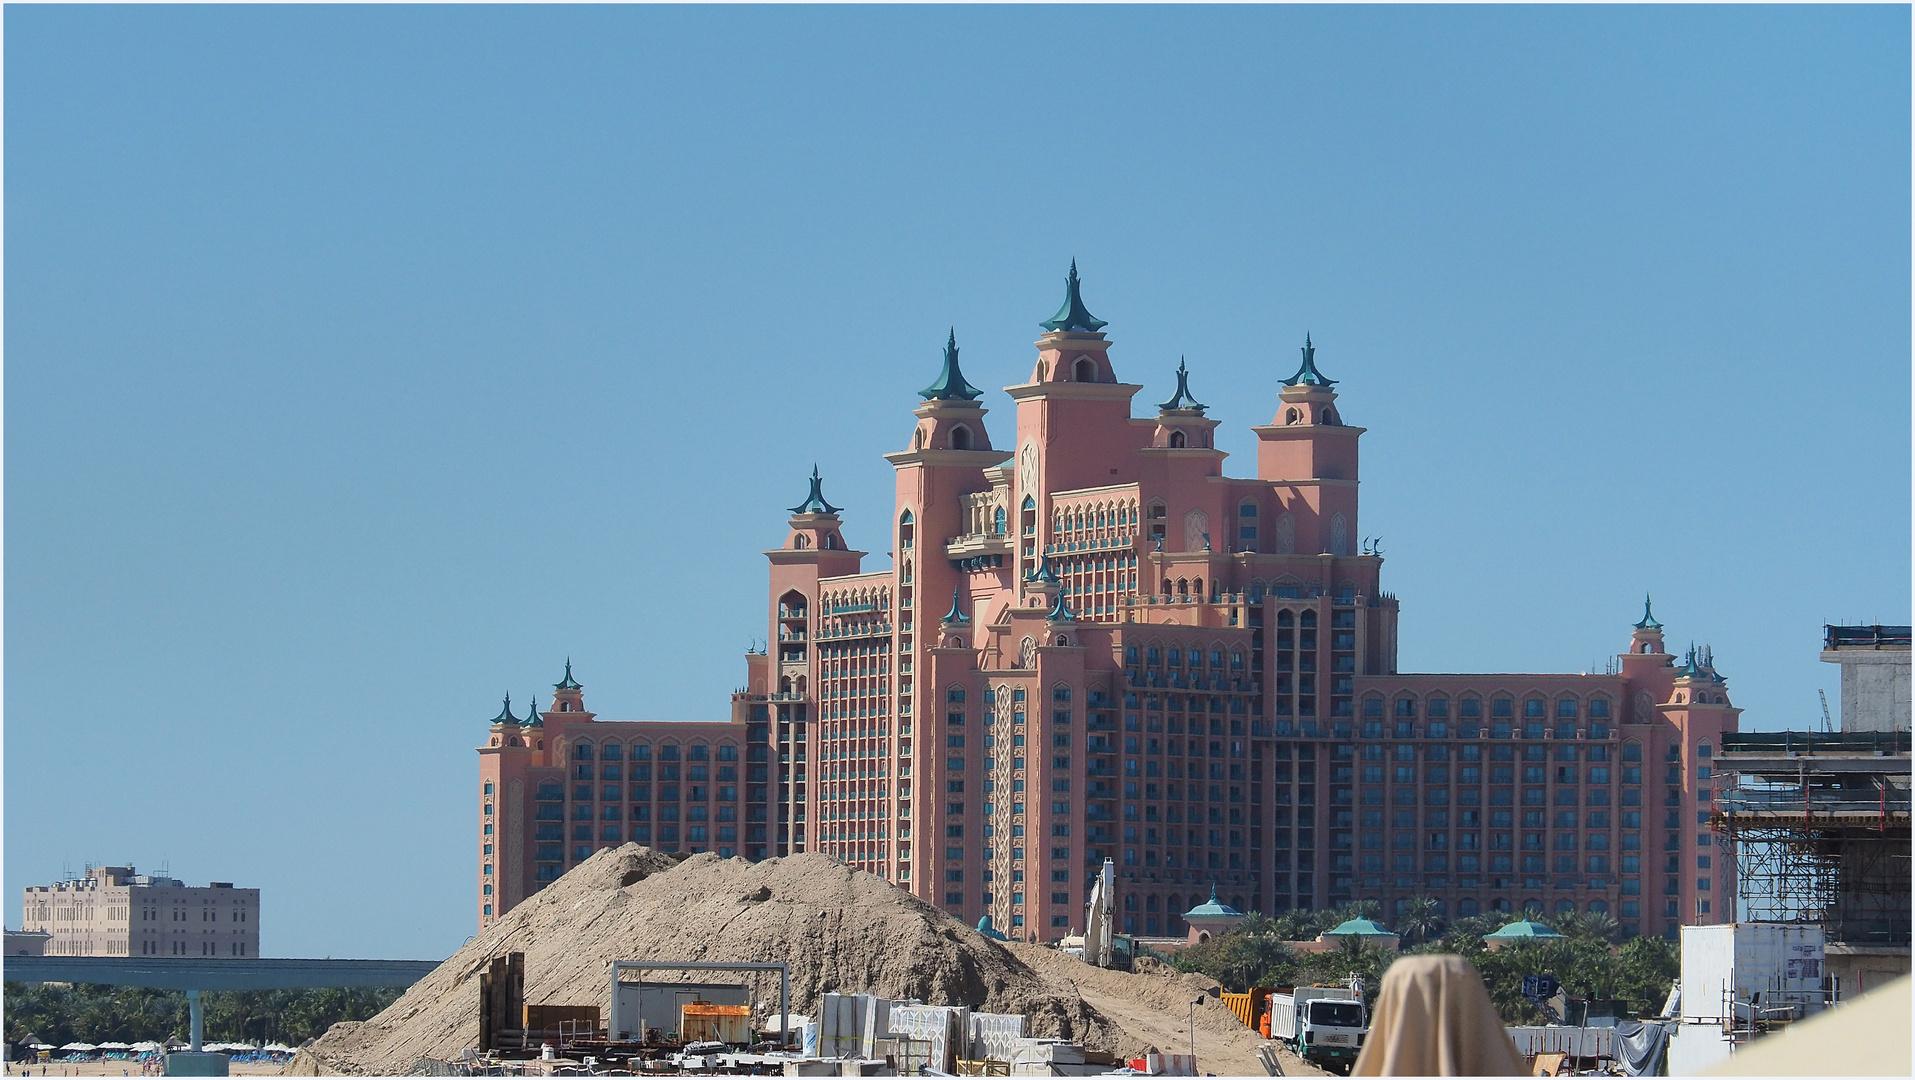 L'Hôtel Atlantis, et ses 1539 chambres